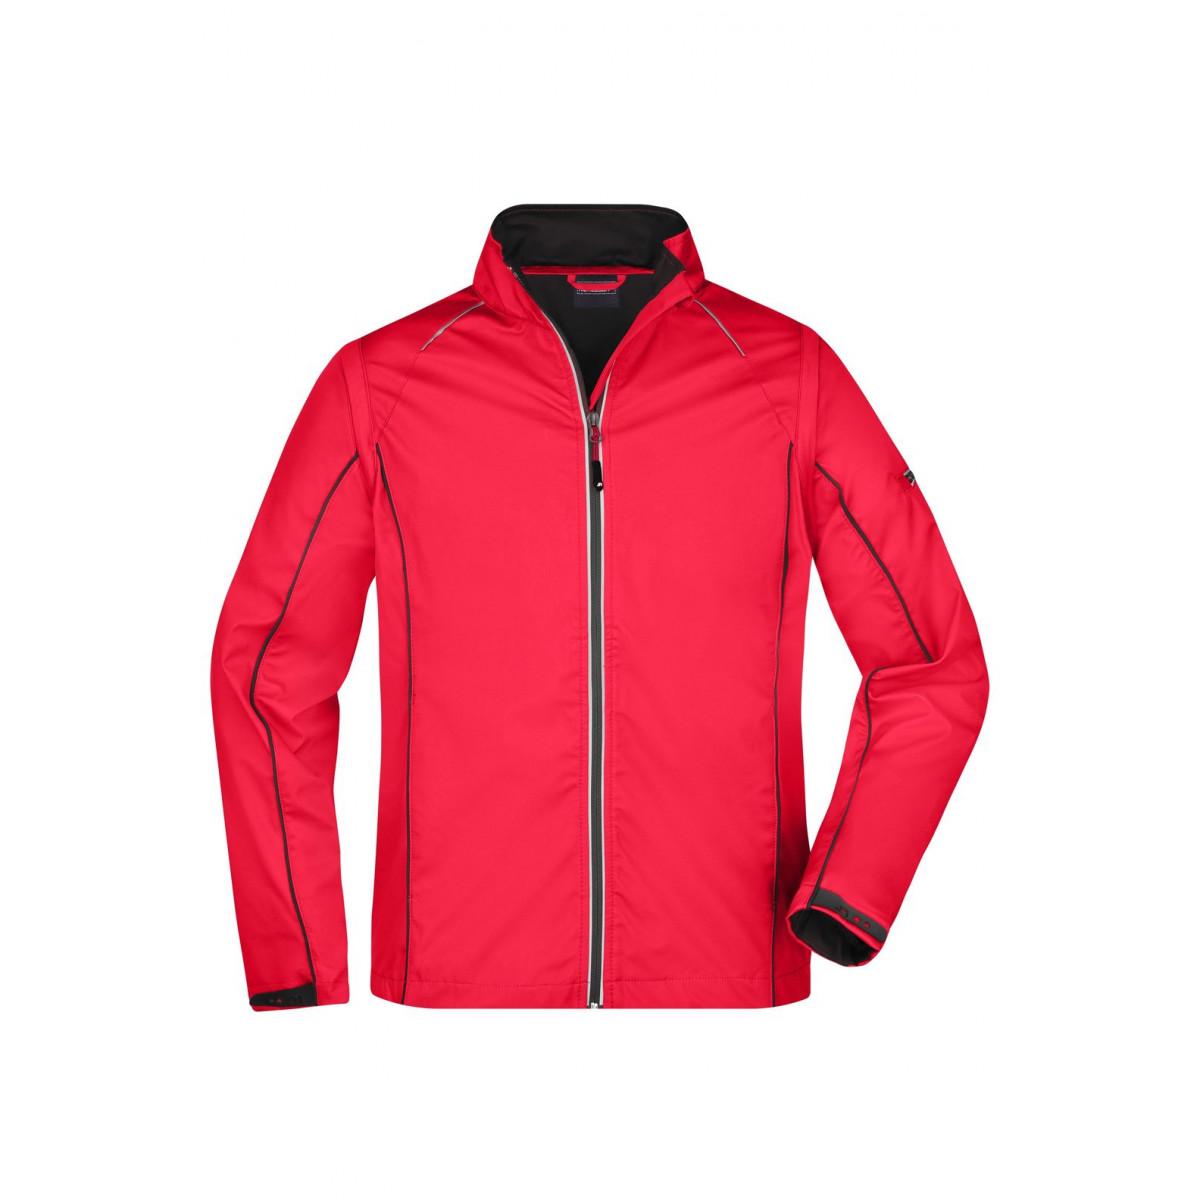 Куртка мужская JN1122 Mens Zip-Off Softshell Jacket - Красный/Черный